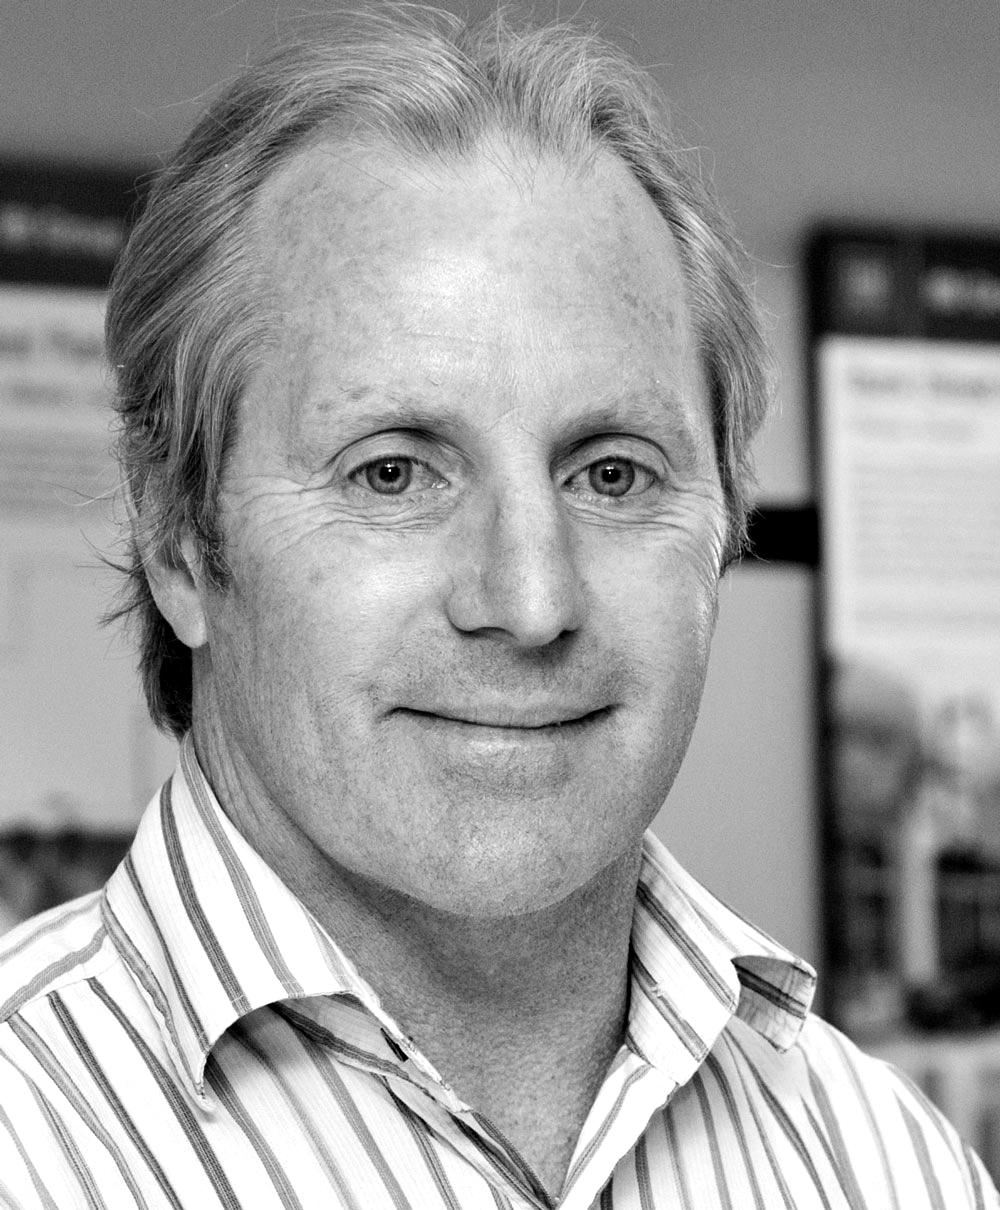 Headshot of Mark Nolan